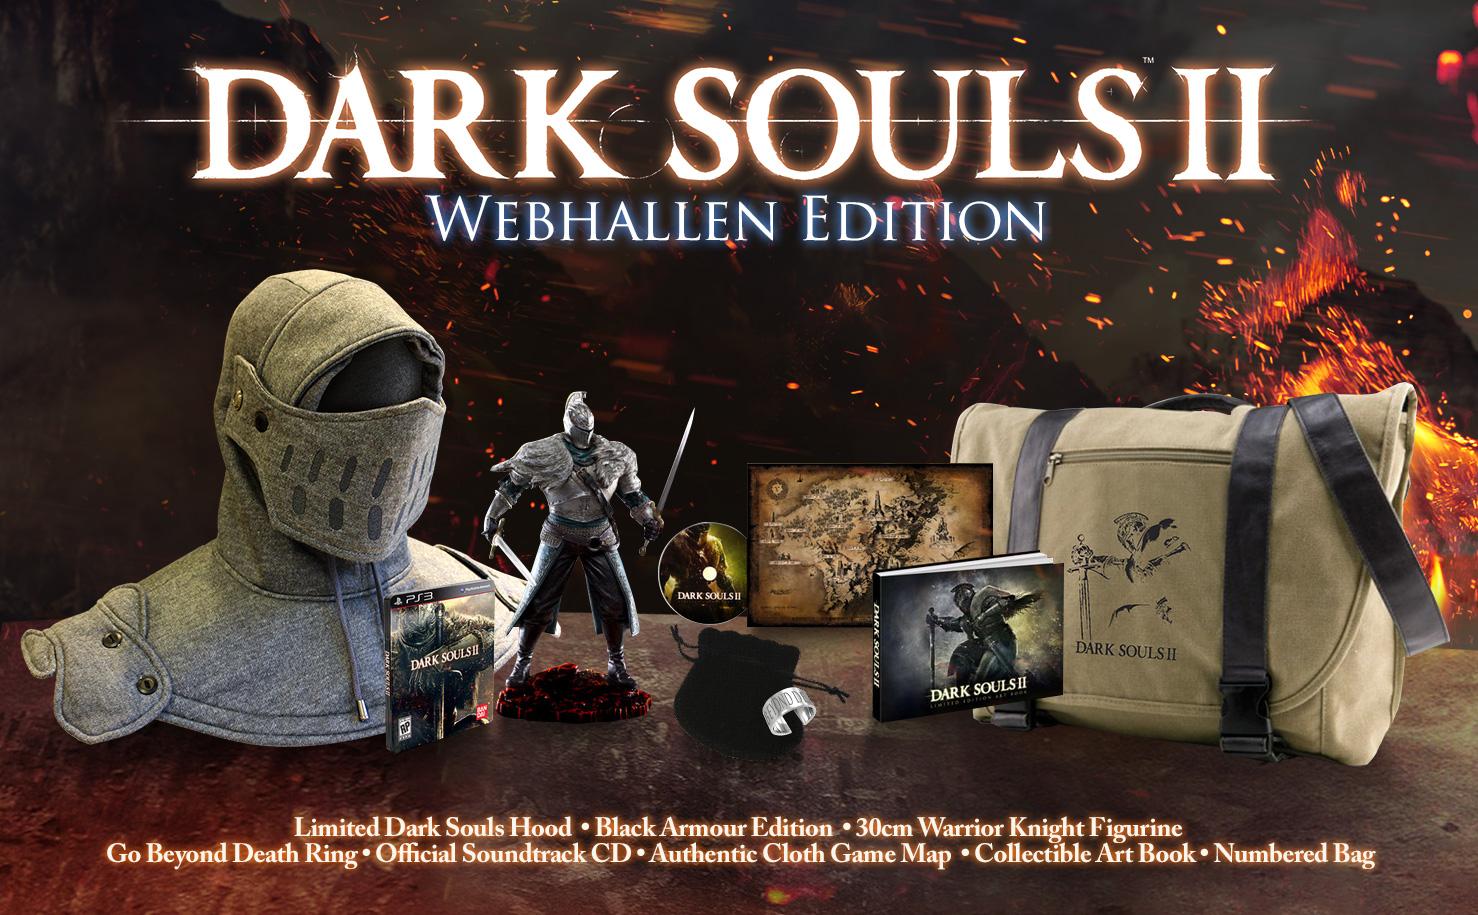 Dark Souls II Dark-souls-webhallen